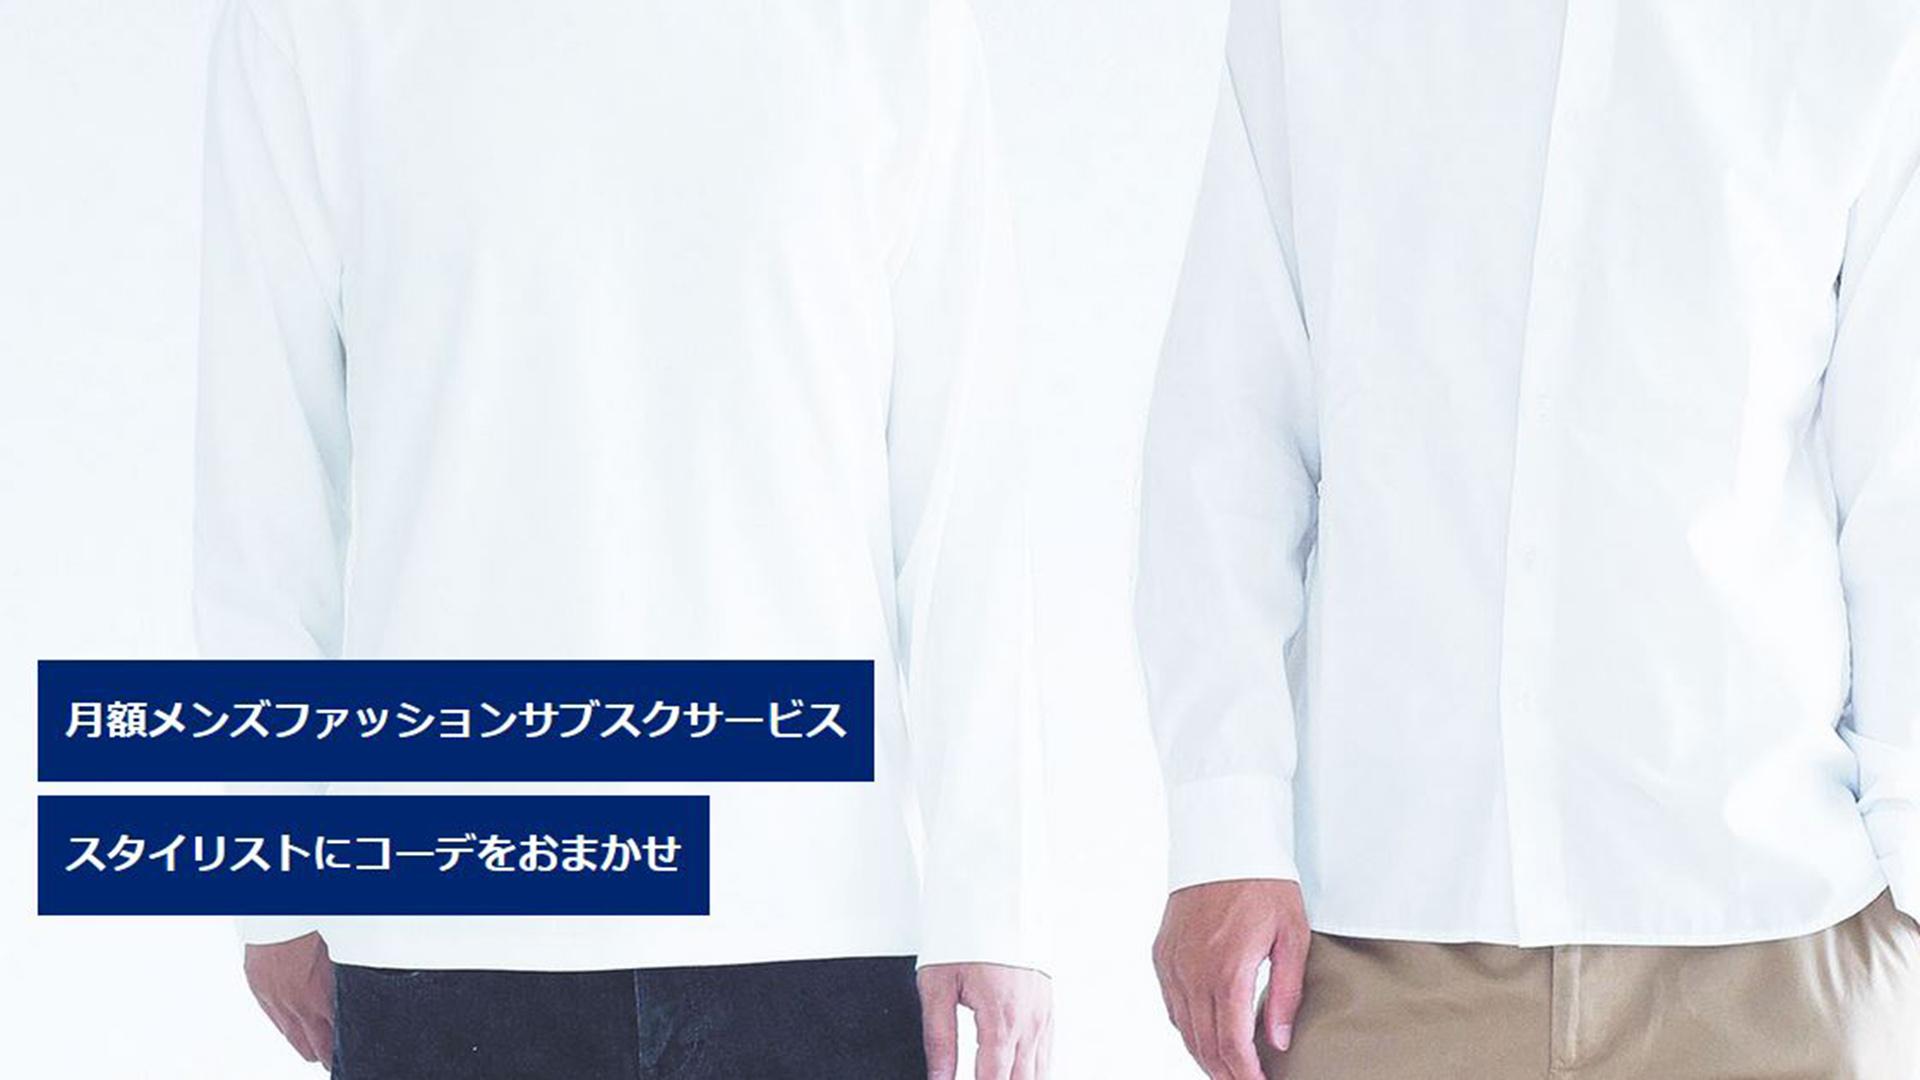 【メンズ】leeap(リープ)の評判はどうなの?ファッションレンタルサービス